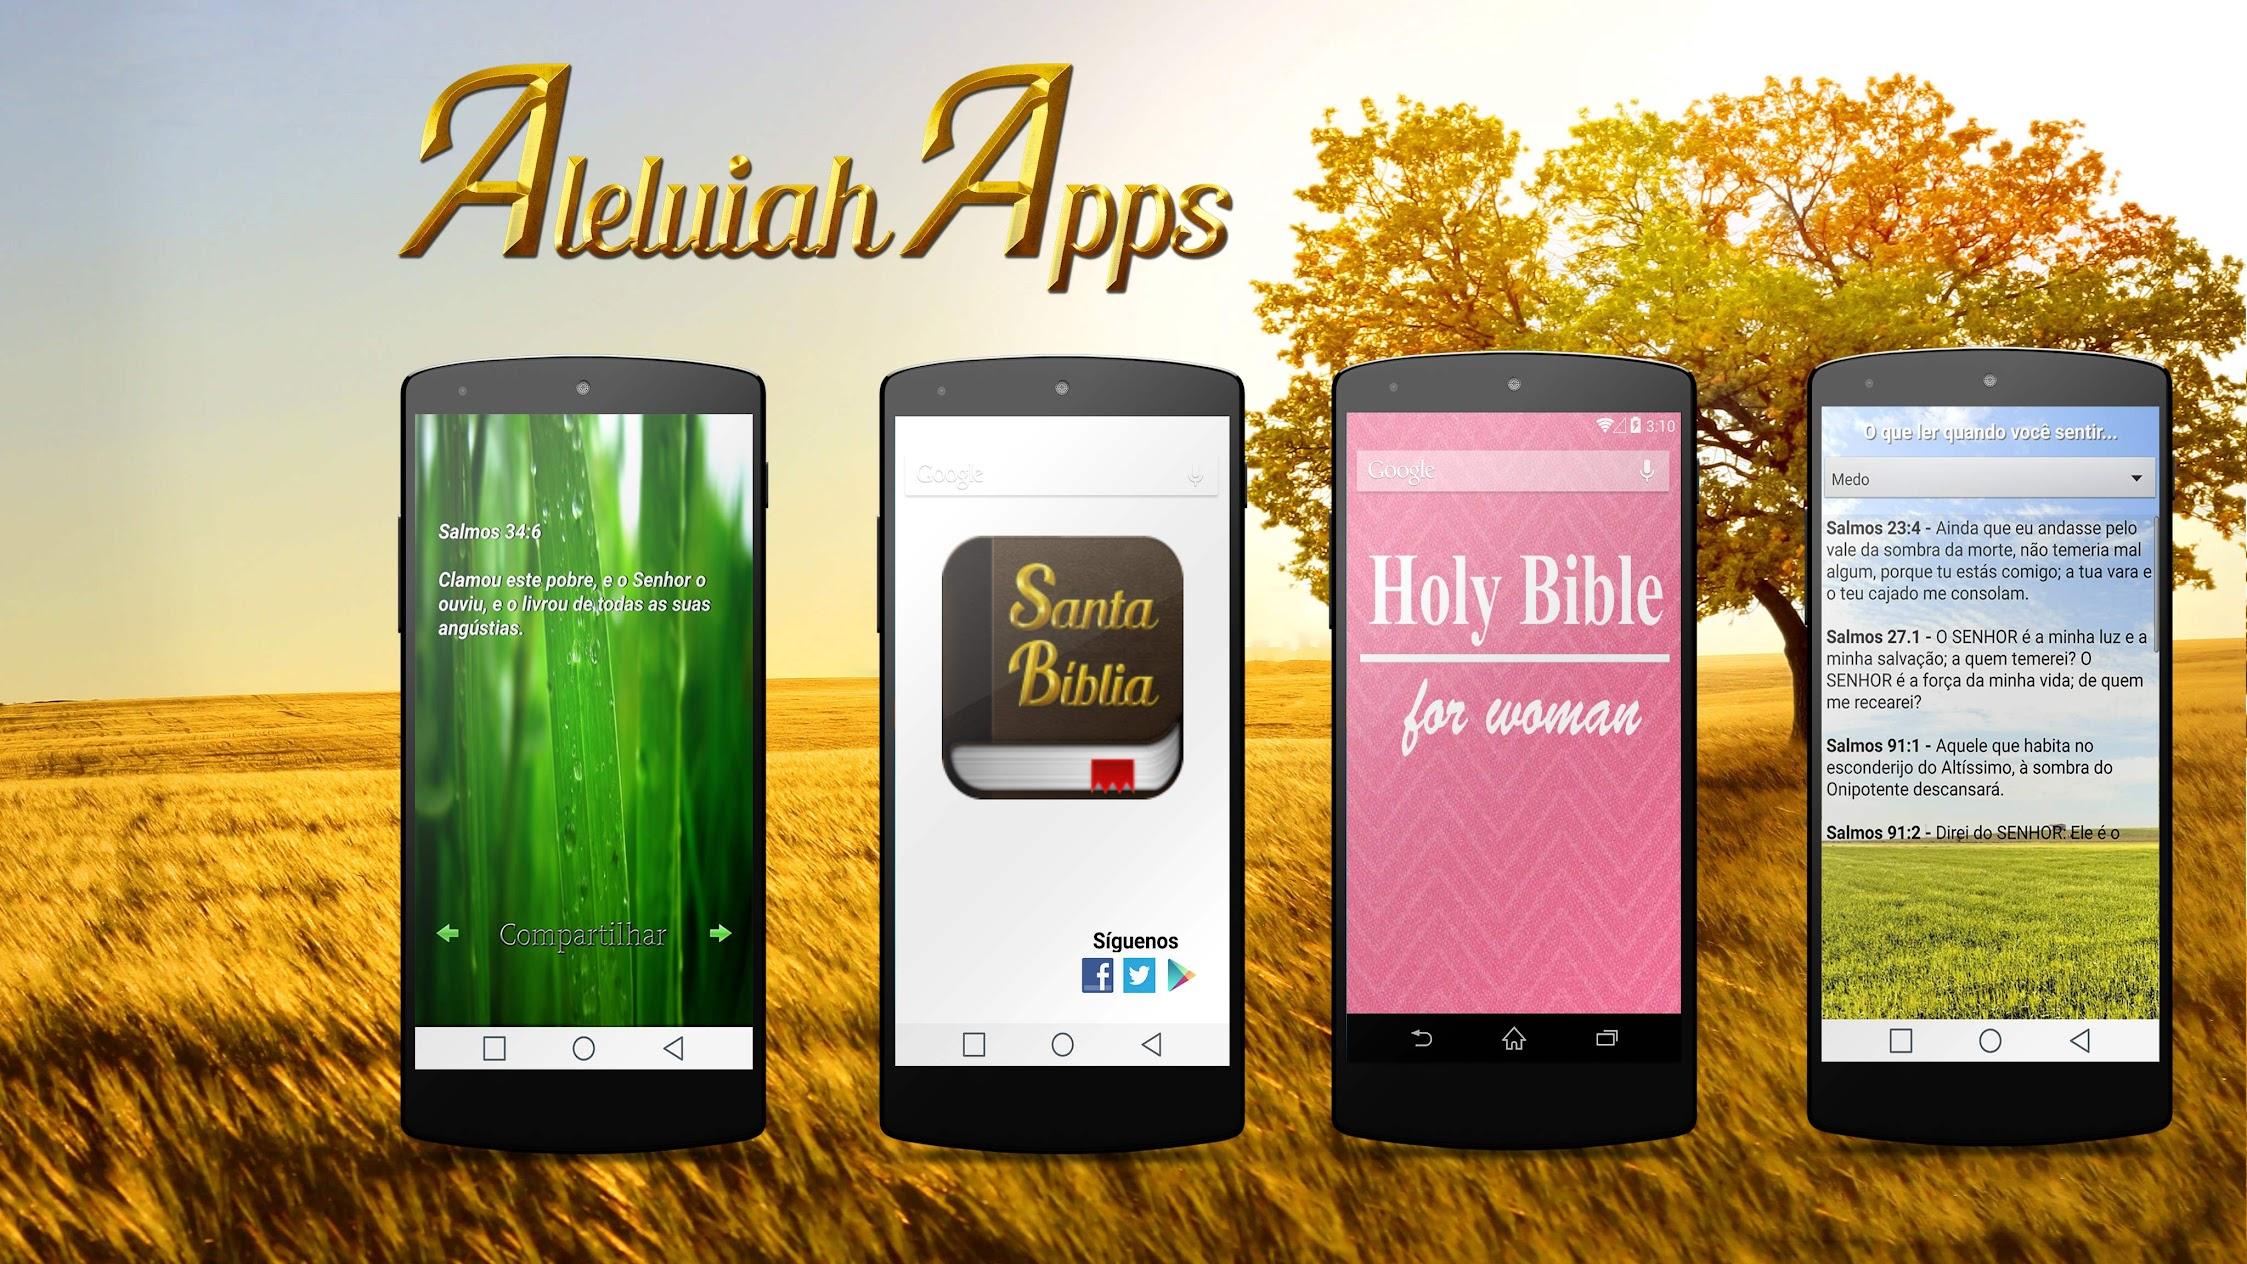 Aleluiah Apps